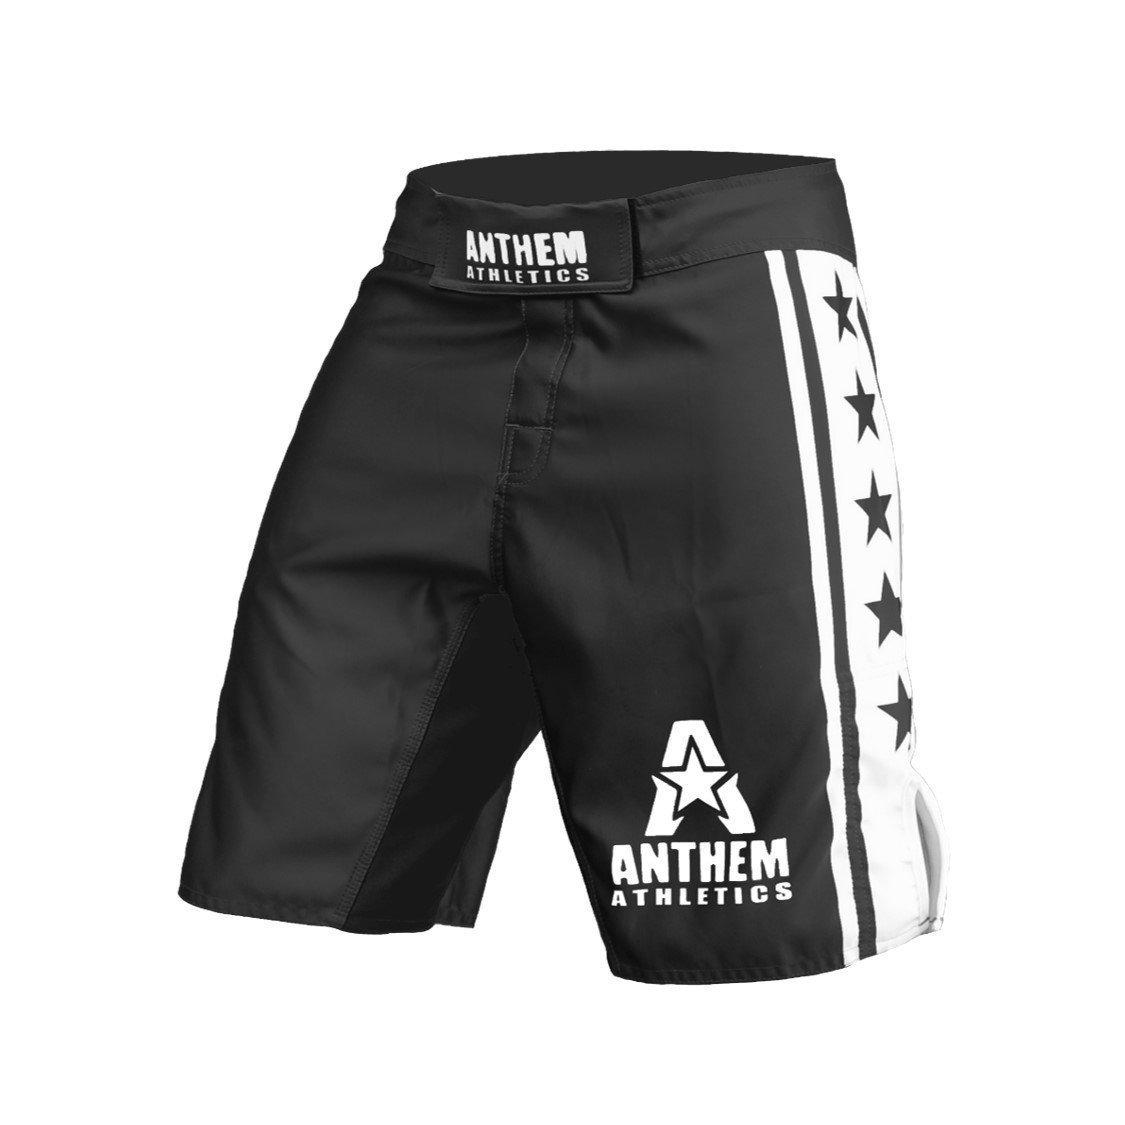 Anthem Athletics RESILIENCE MMA Shorts - Black & White - 33''